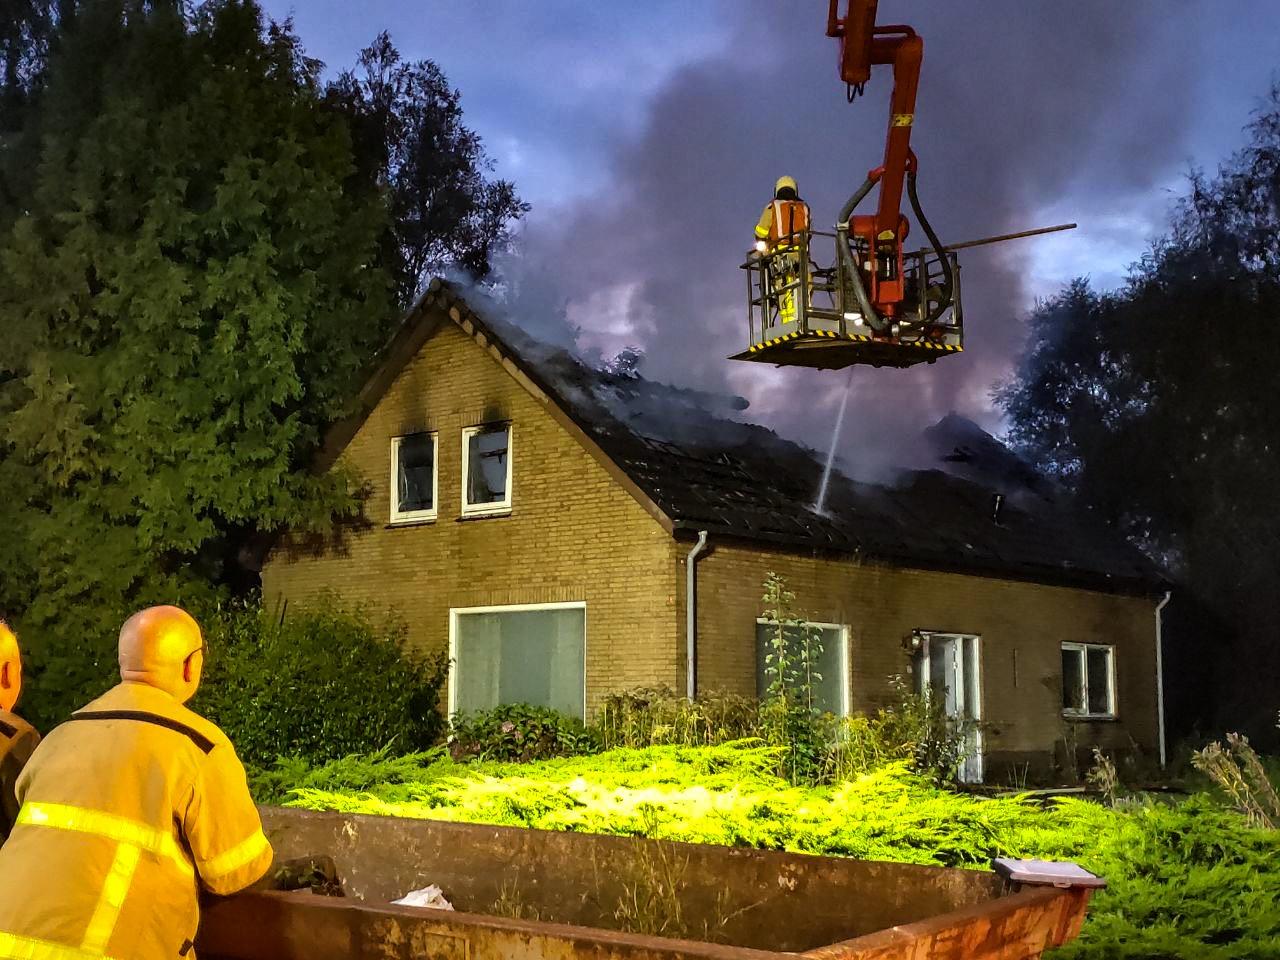 Grote brand in woning Vaassen